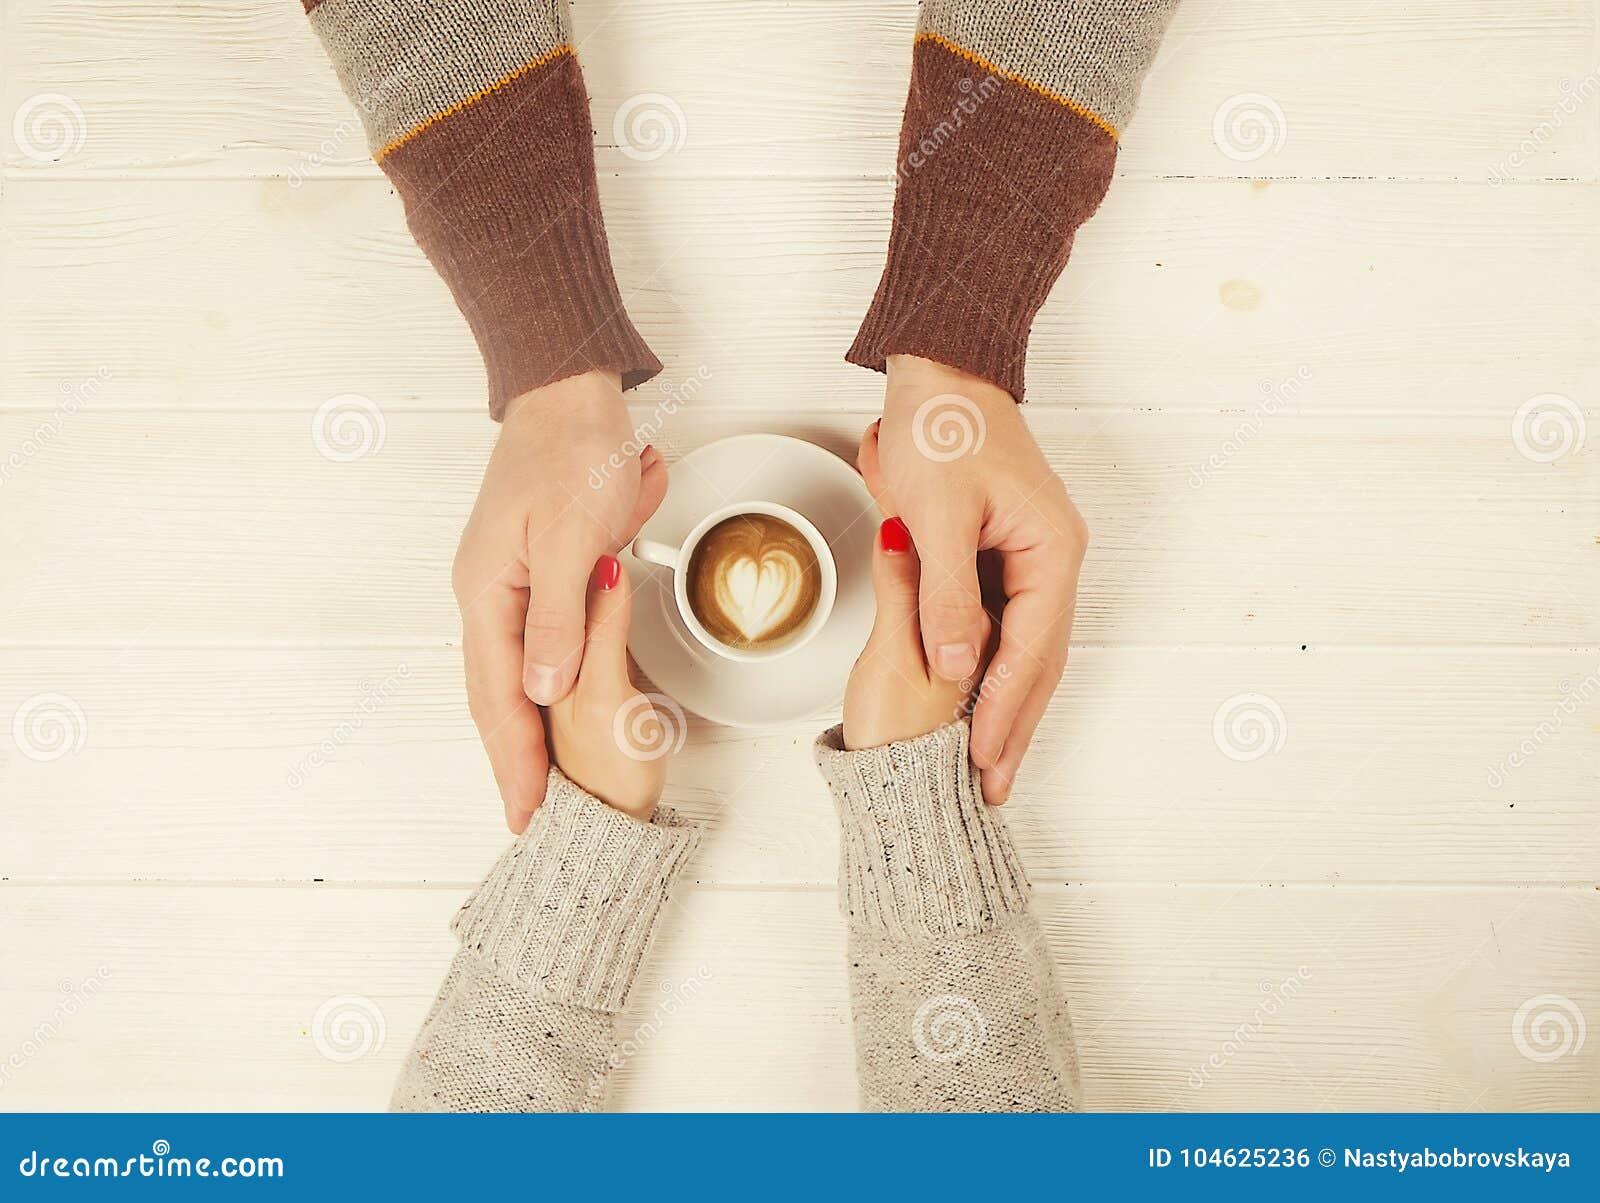 Download Het Paar In De Kop Van De Liefdeholding Van Coffe In Handen Op Houten Hoogste Mening Als Achtergrond, Wijnoogst Stemde Beeld Stock Foto - Afbeelding bestaande uit hand, zorg: 104625236